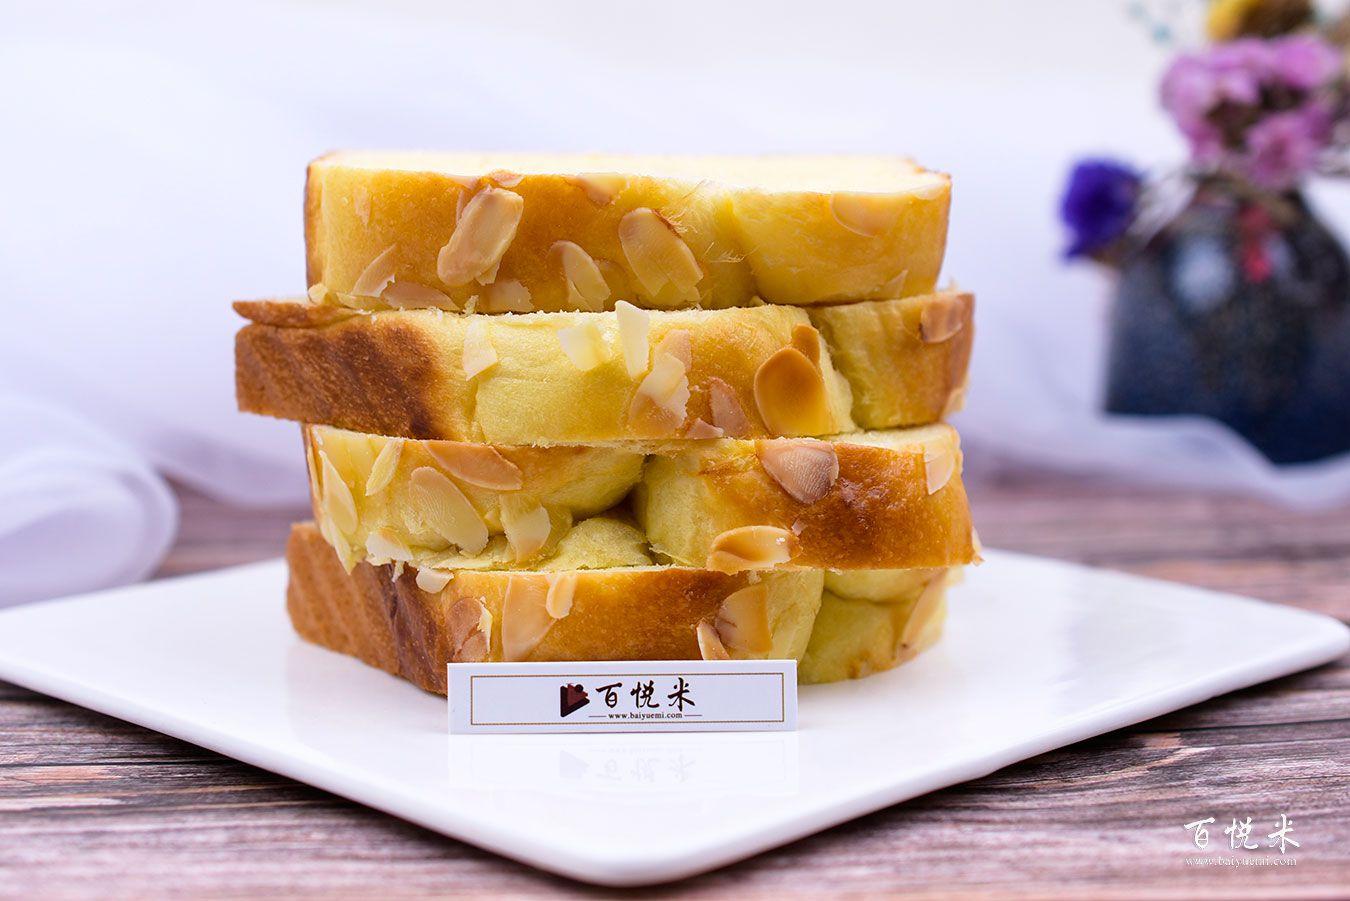 布里奥吐司高清图片大全【蛋糕图片】_856